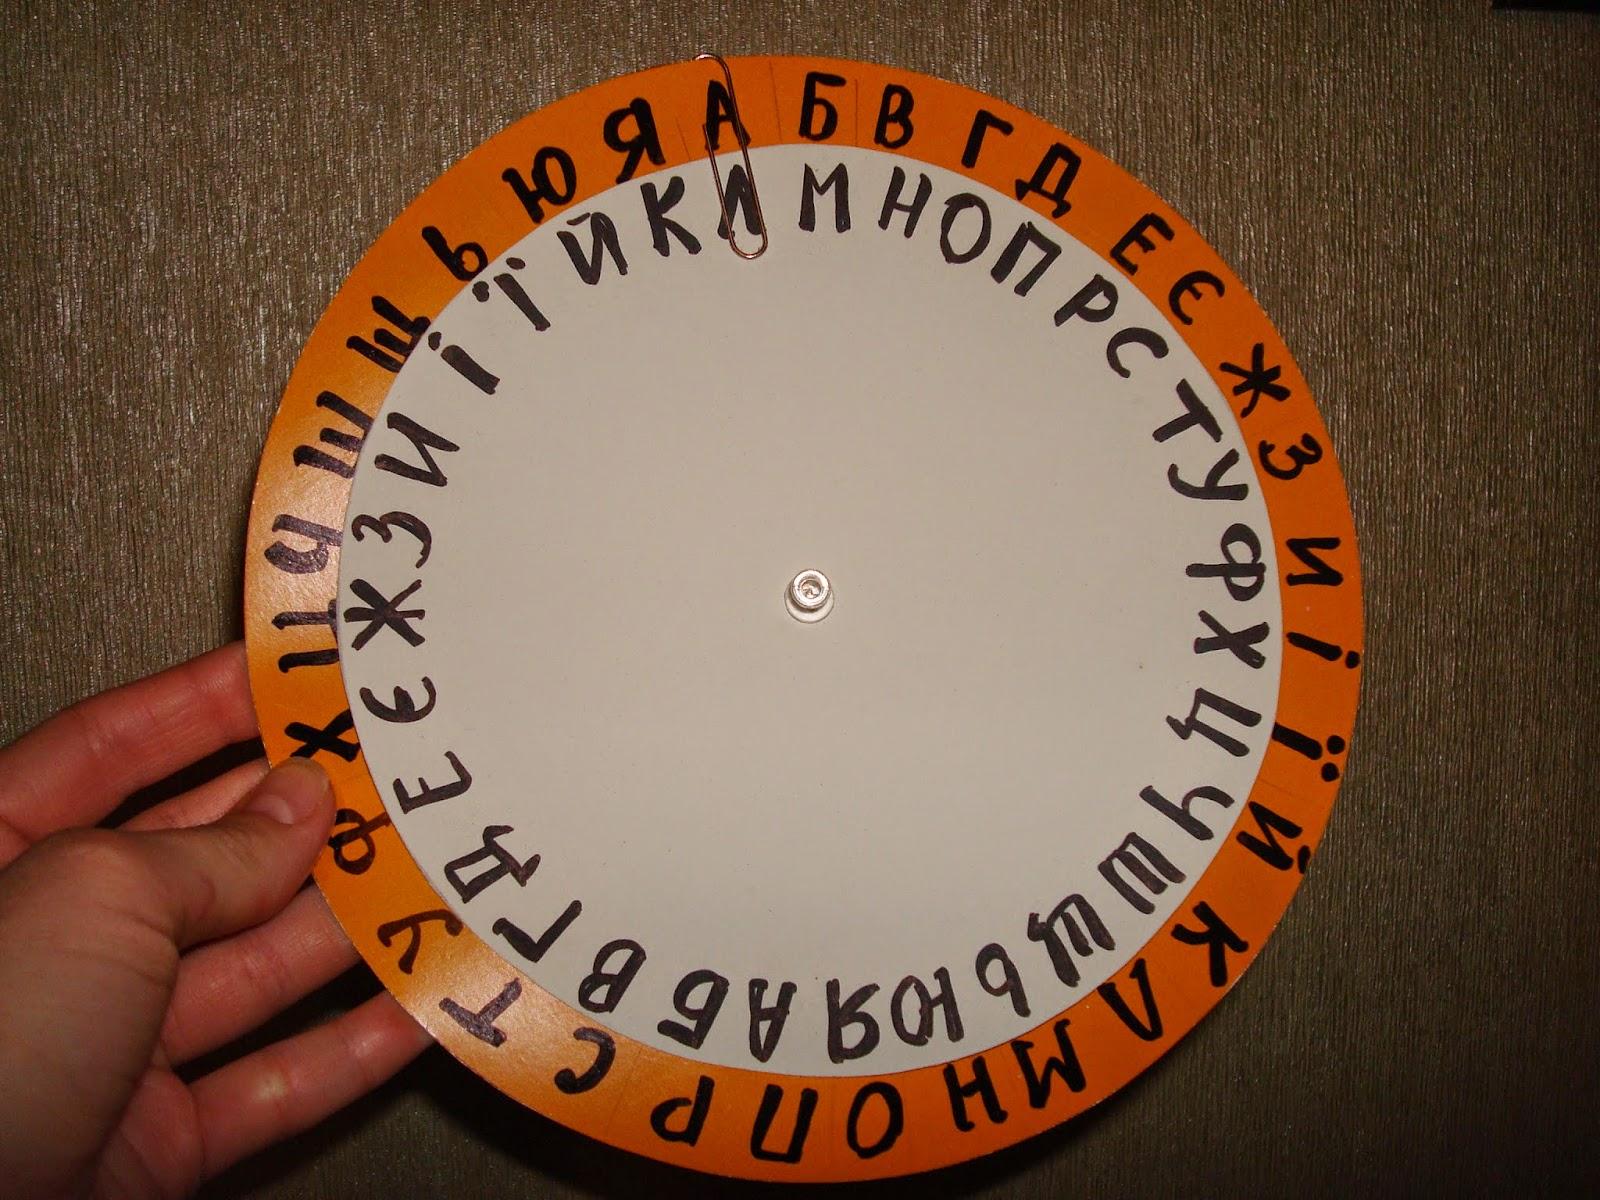 Как на фото сделать надпись по кругу в